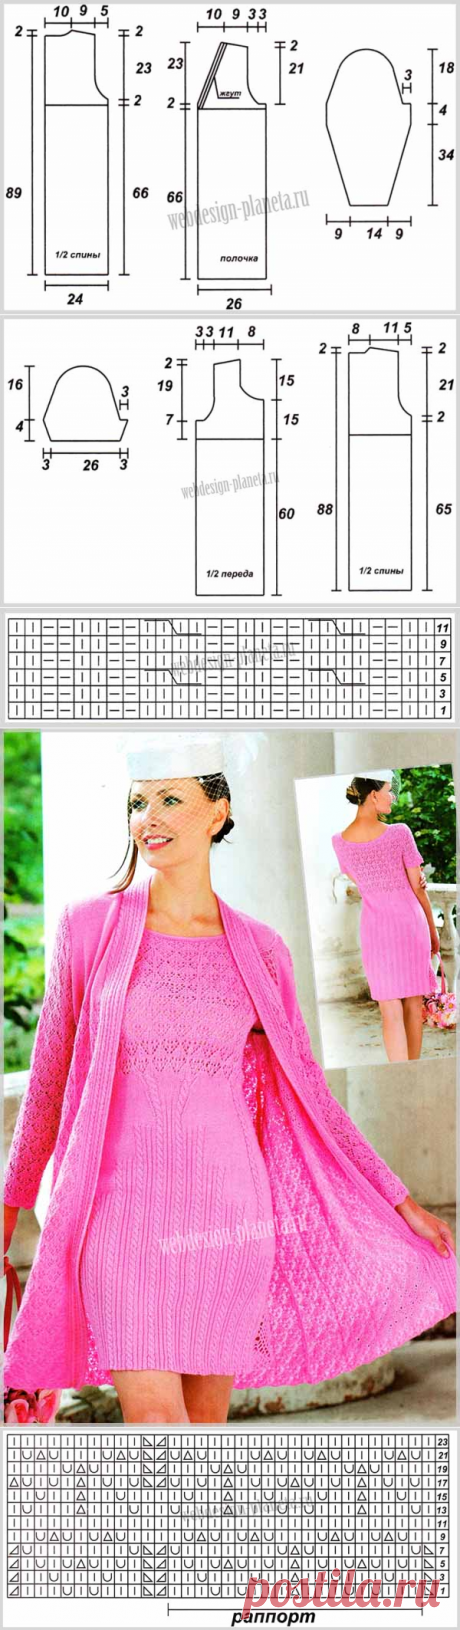 Комплект — пальто и платье спицами   Вязание спицами, вязание крючком   Мир вязания